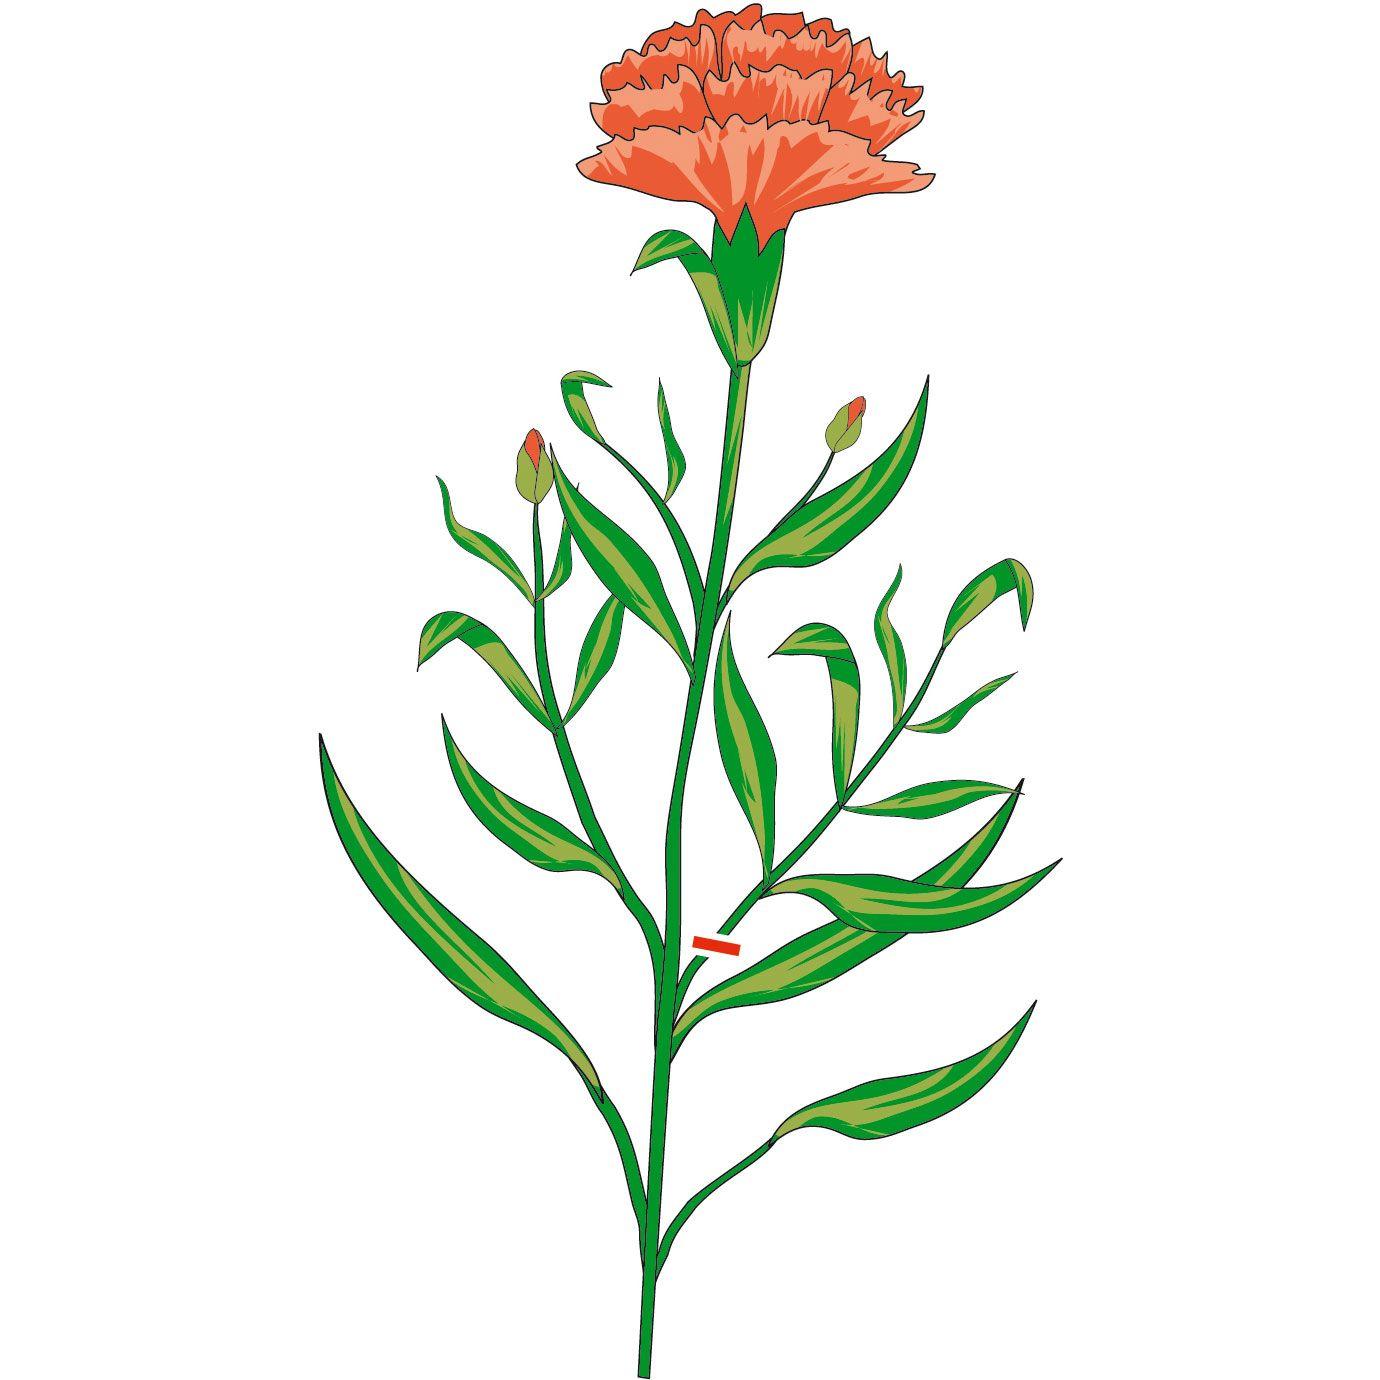 Moltiplicare crisantemi, garofani, verbena ed erbe aromatiche - Cose di Casa